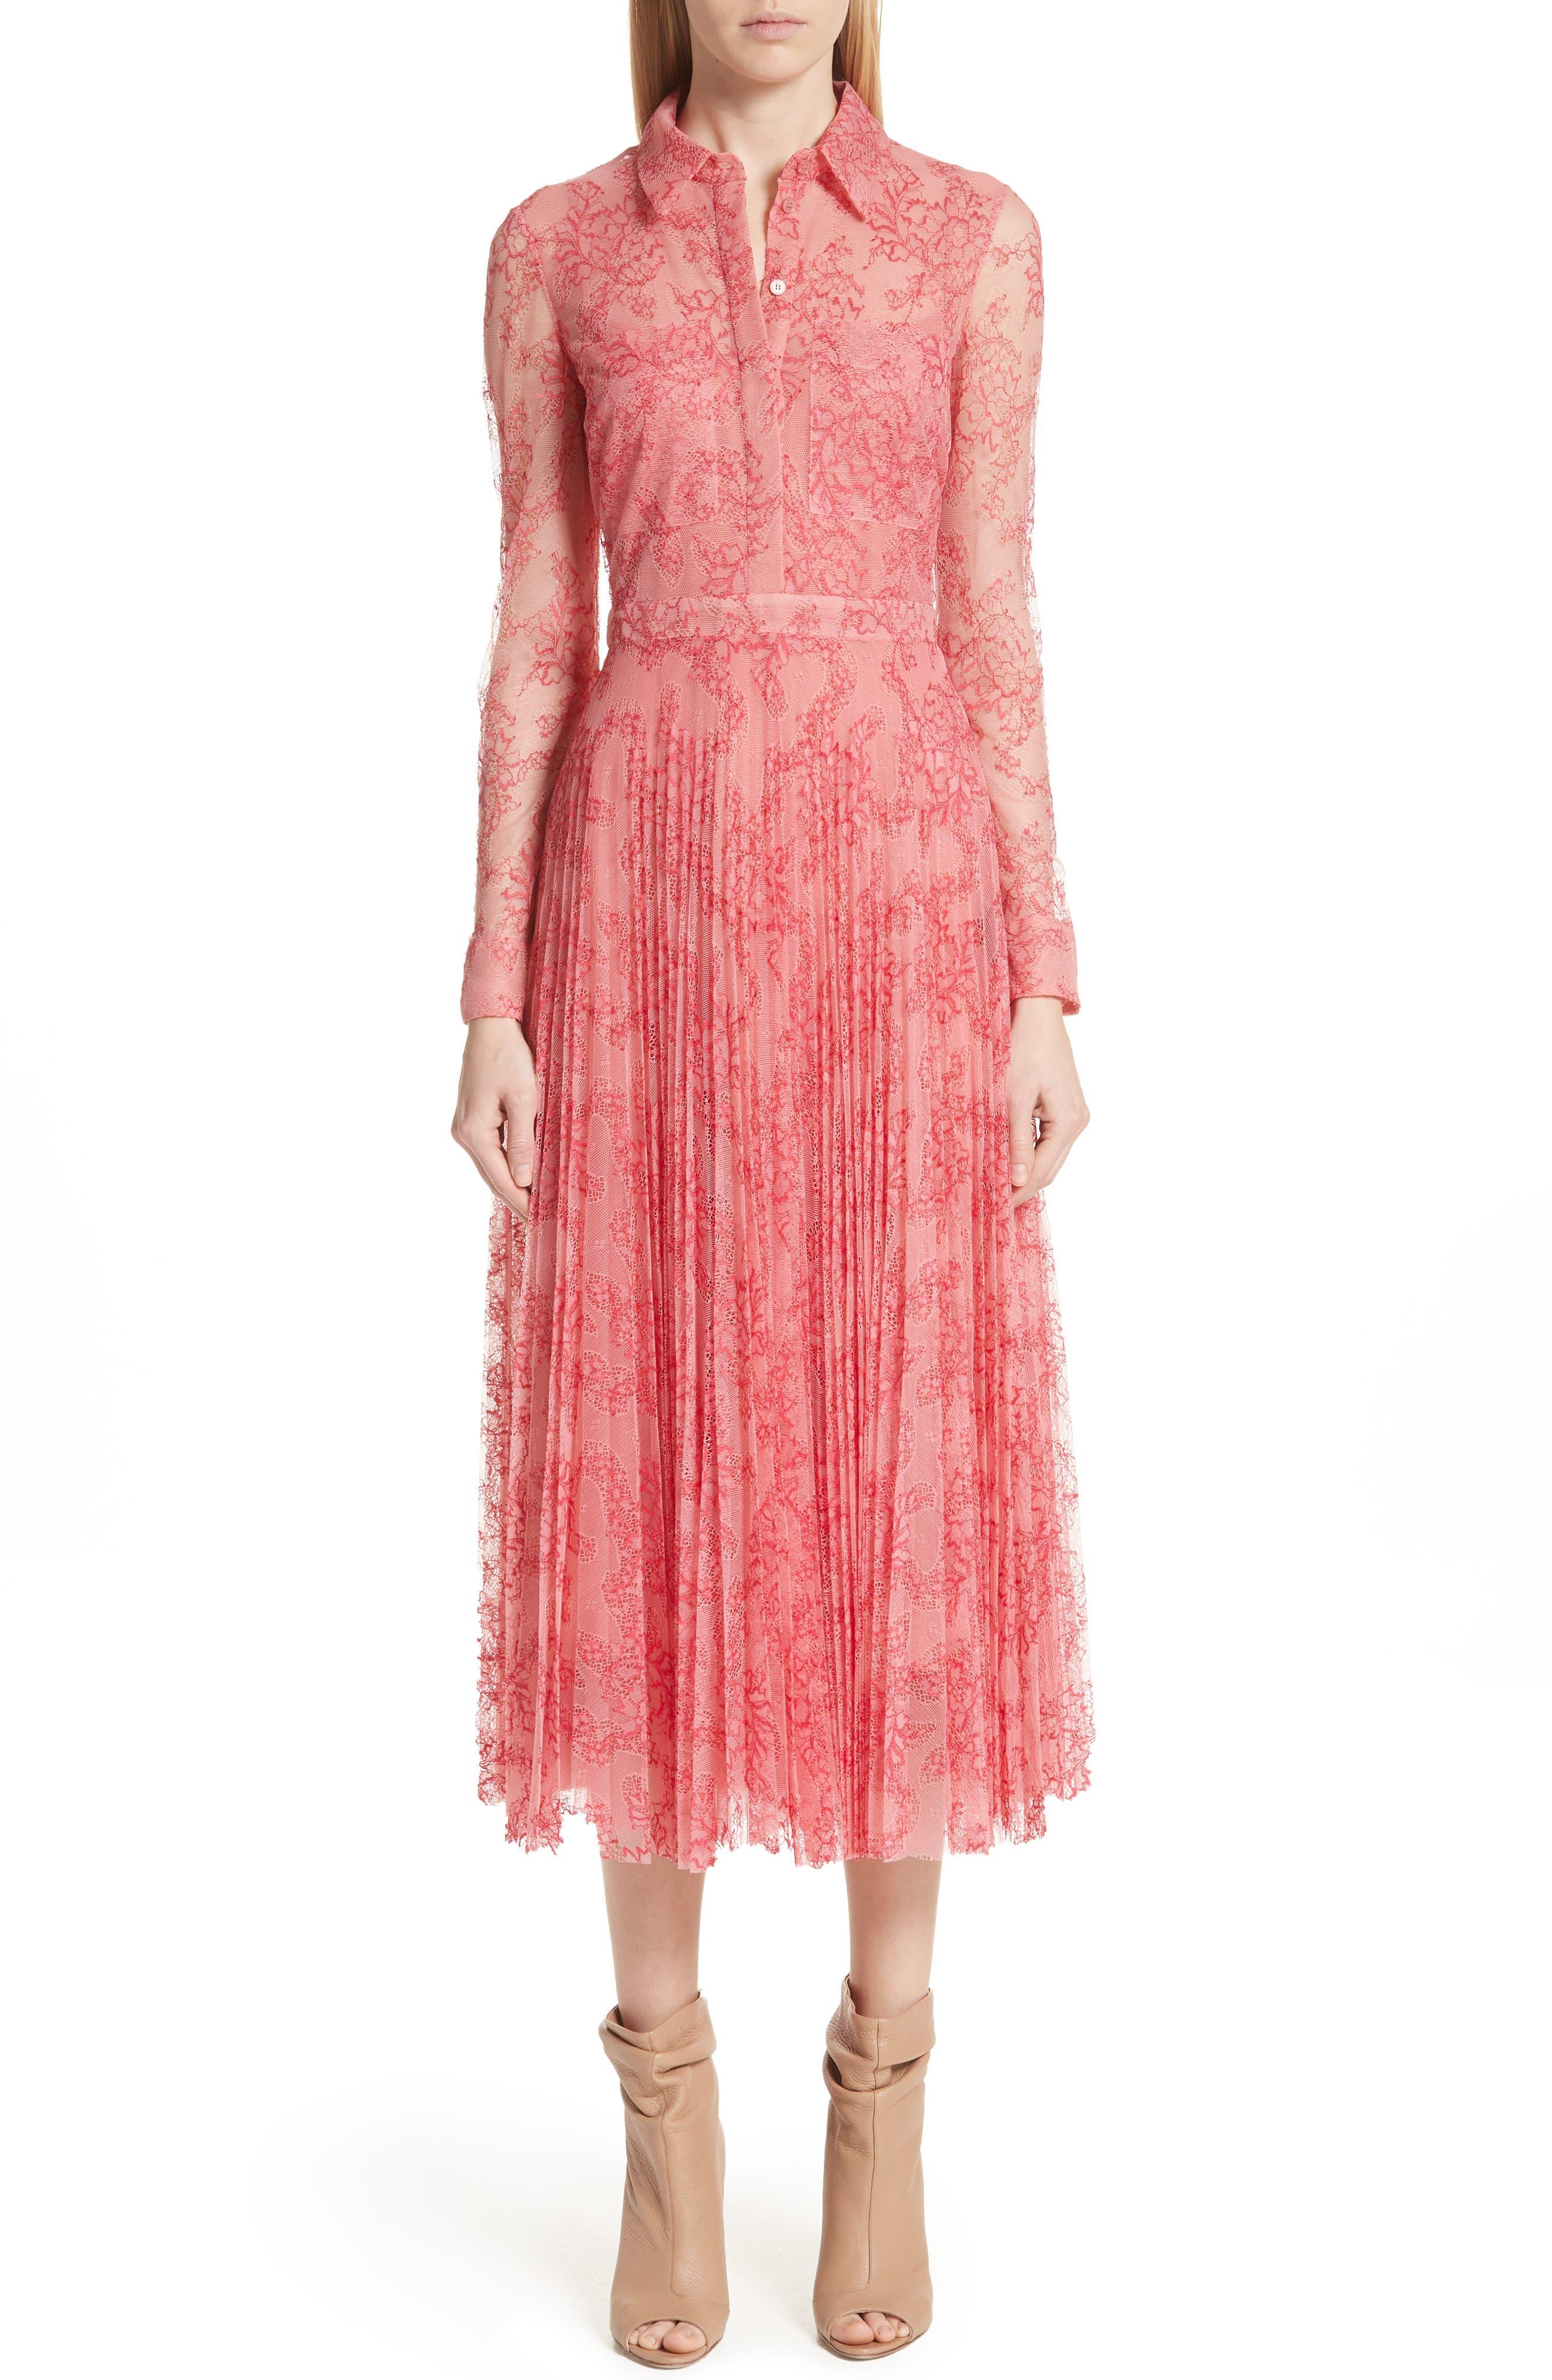 Clementine Floral Lace Midi Dress,                             Main thumbnail 1, color,                             956